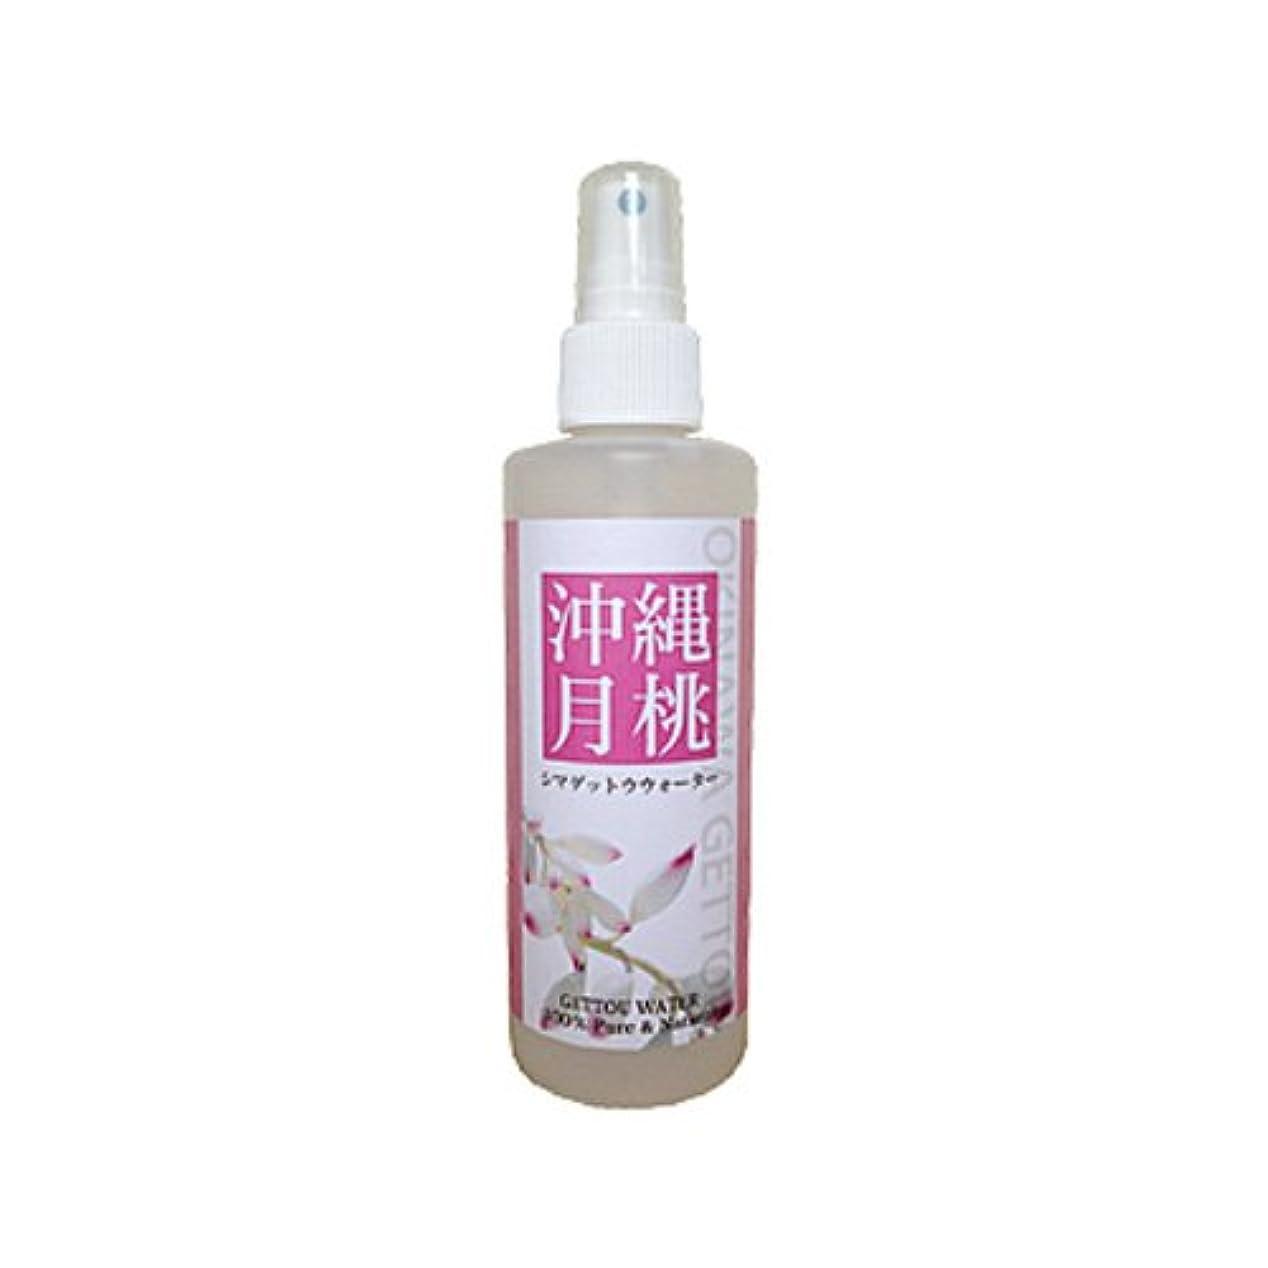 教育寂しい側月桃蒸留水 フローラルウォーター シマ月桃葉100%使用 200ml